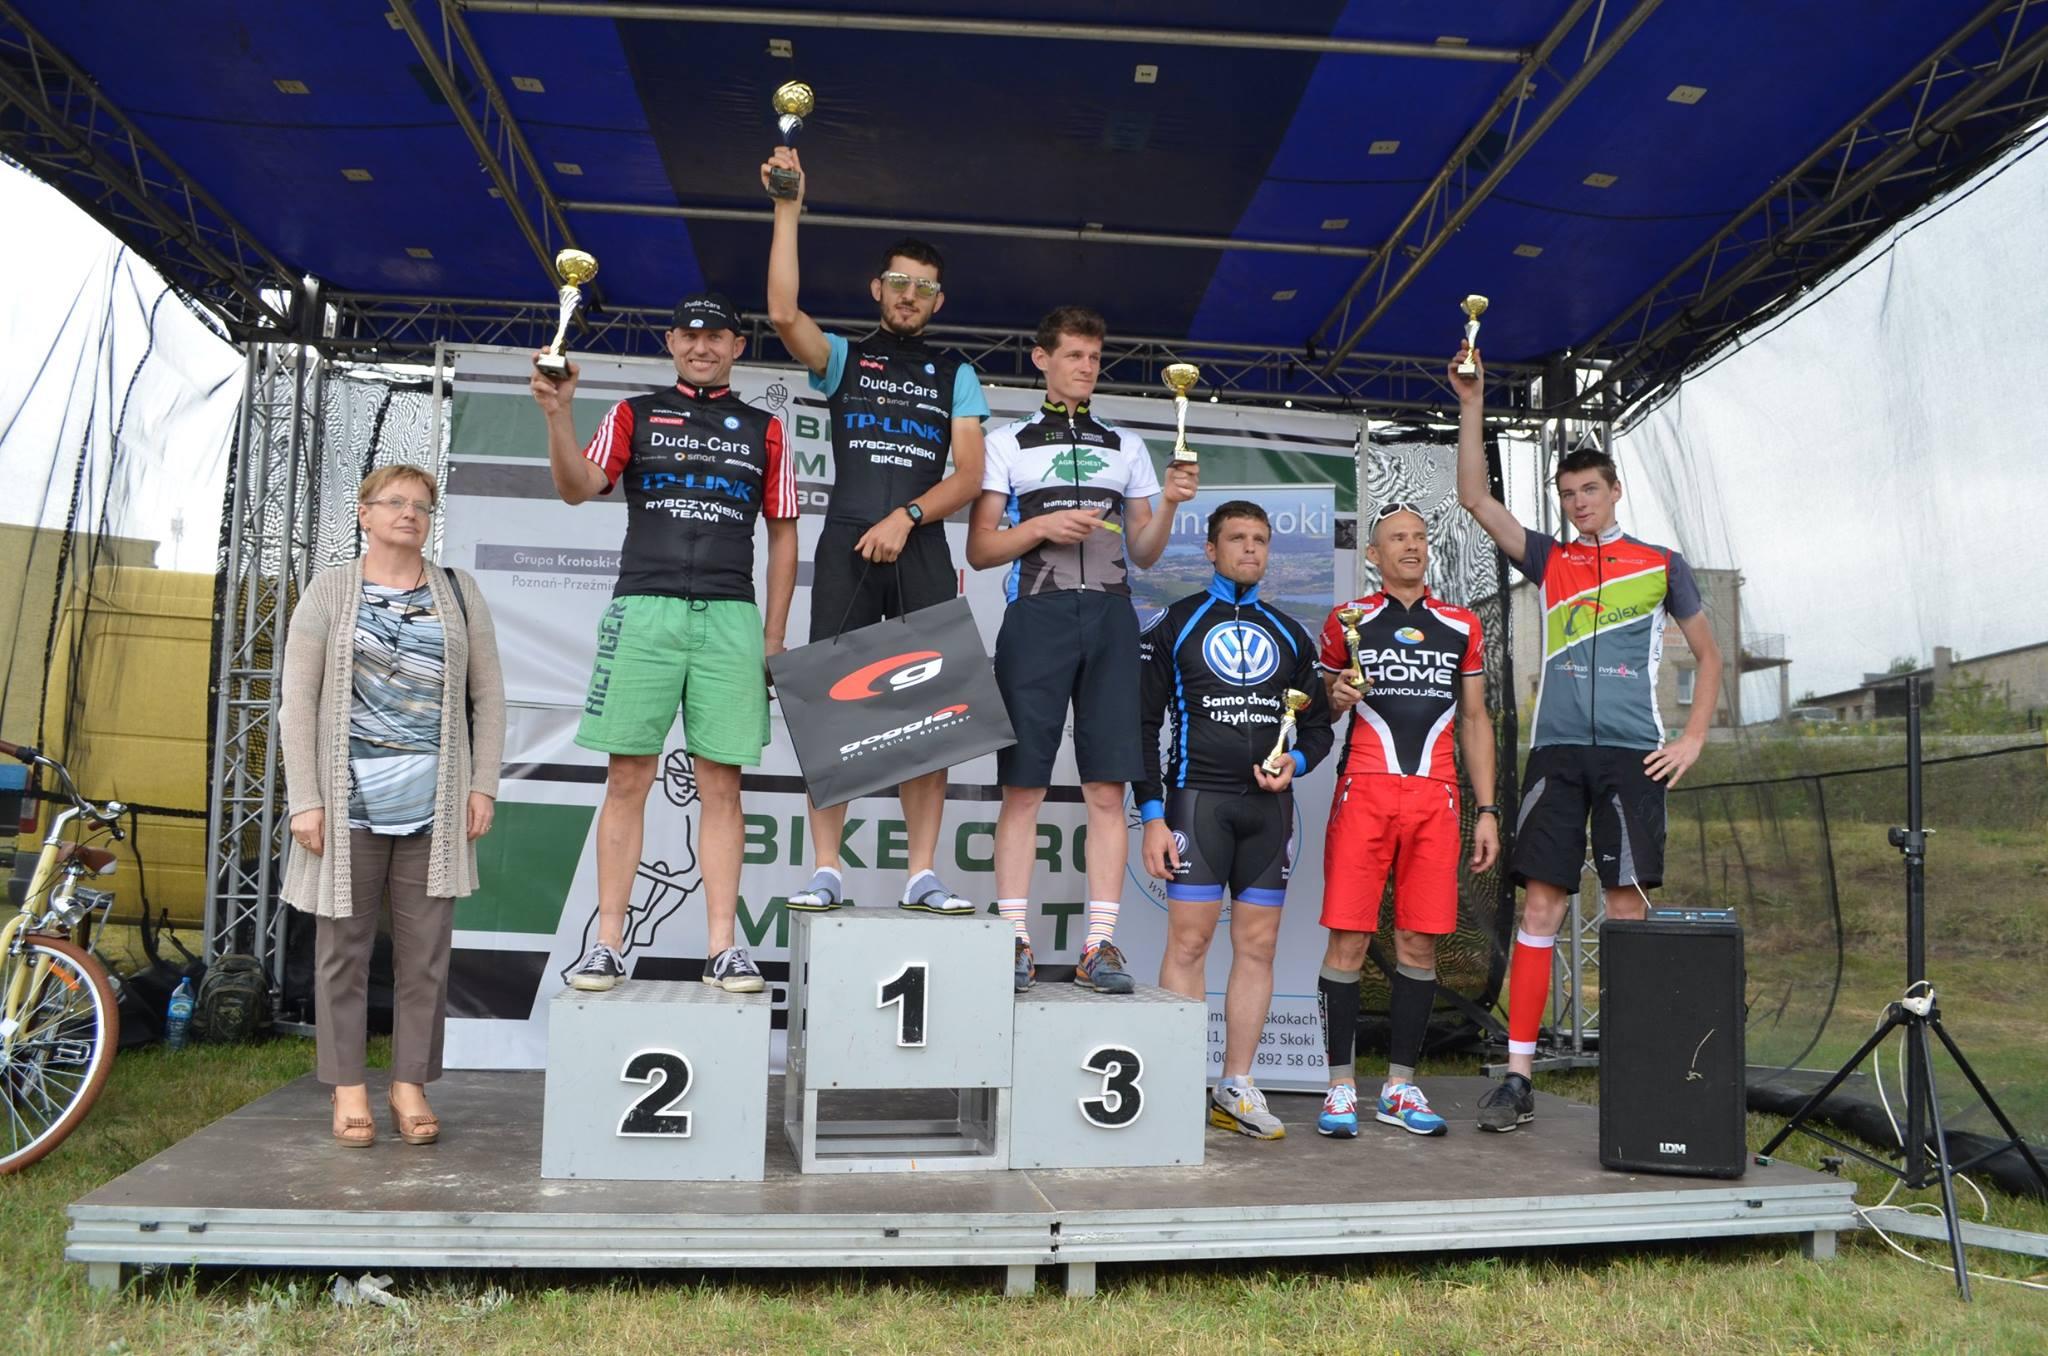 Bartłomiej Oleszczuk (Duda Cars TP-Link Rybczyński Team) – Bike Cross Maraton, Skoki